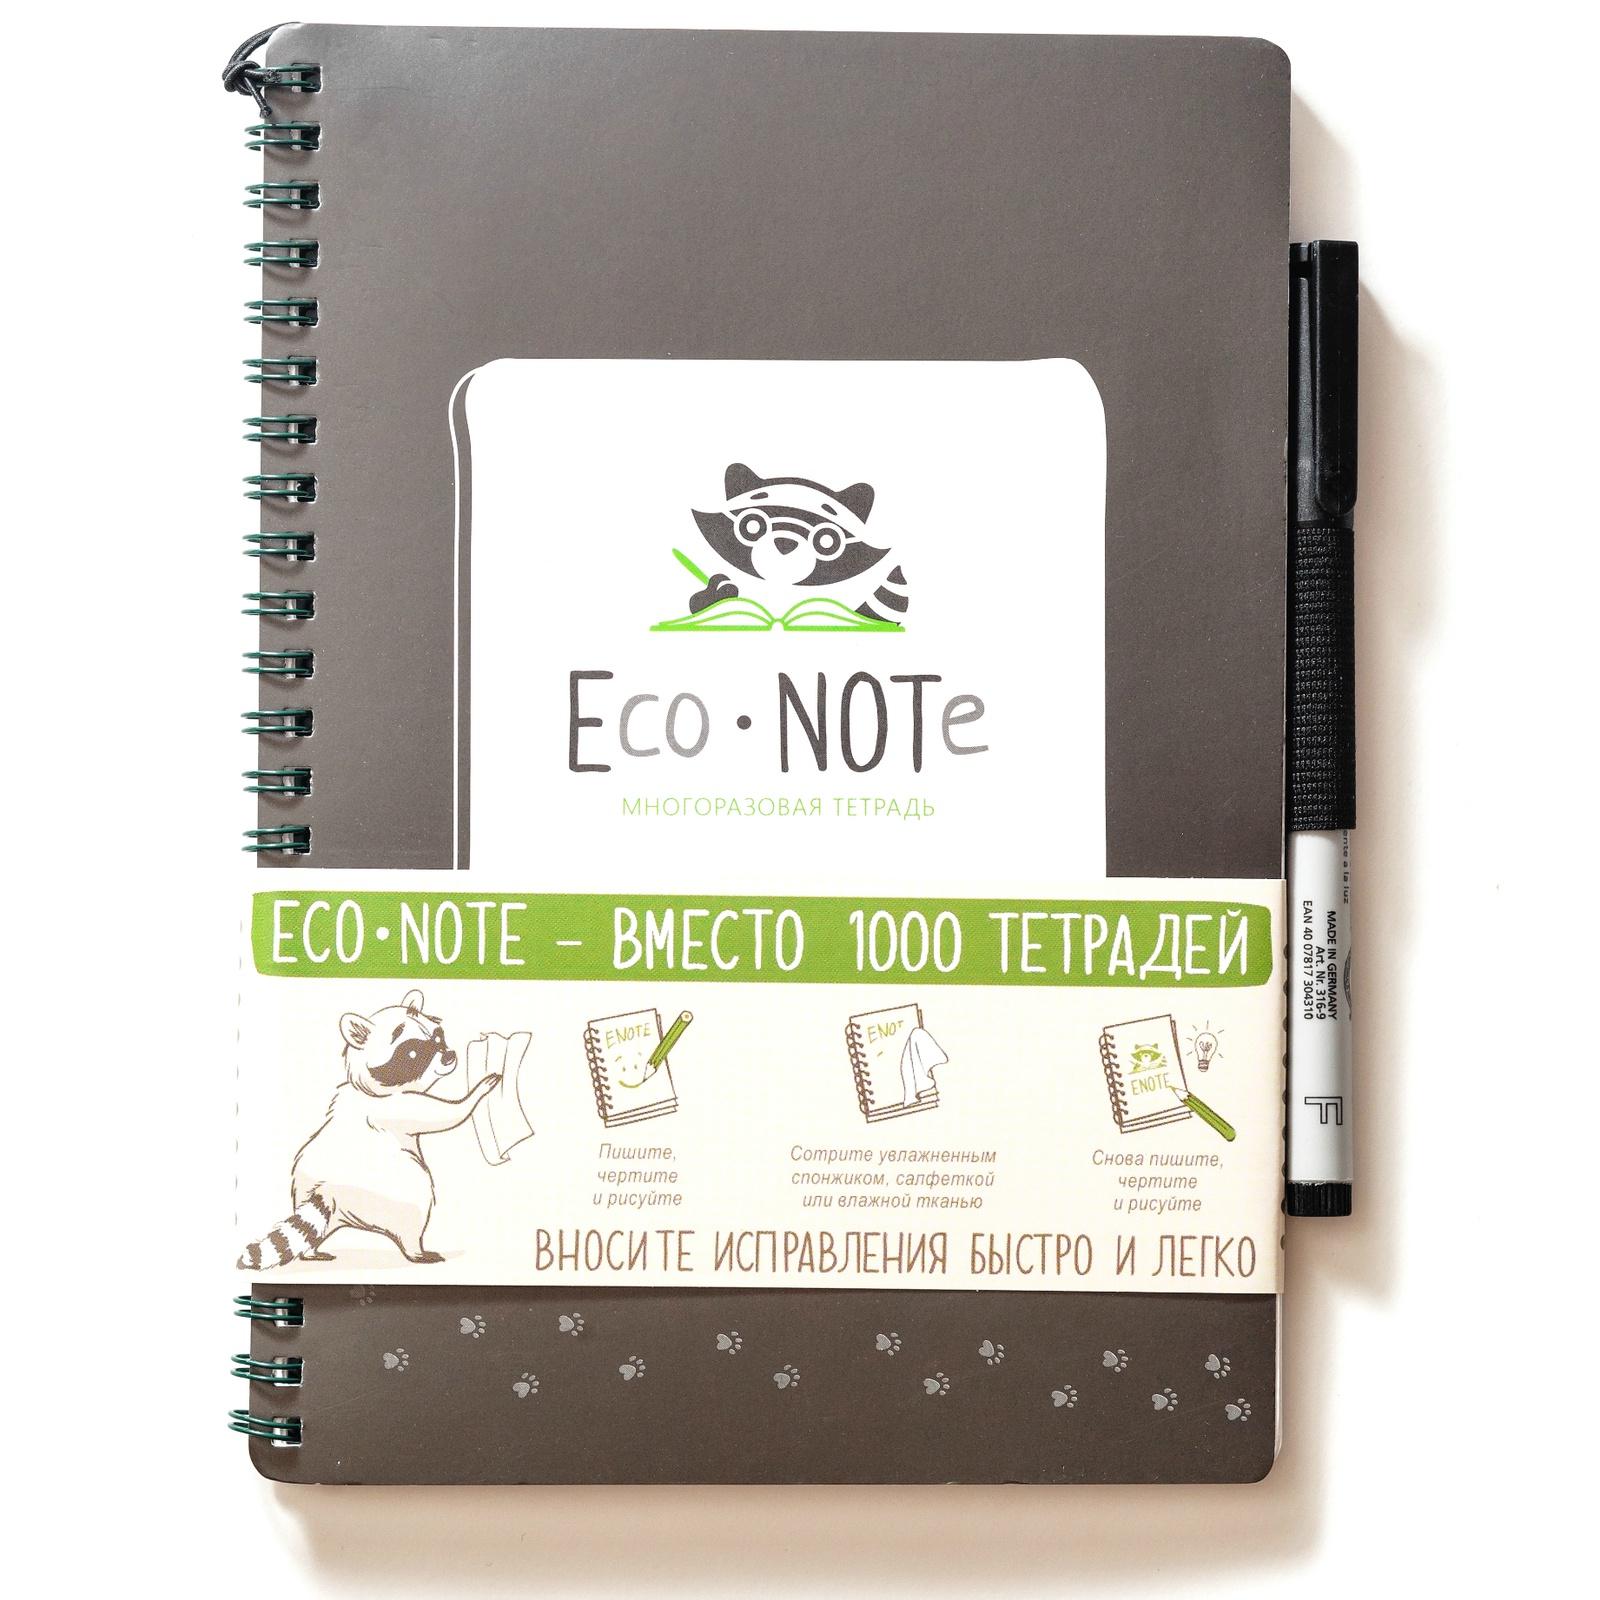 """Многоразовая тетрадь """"EcoNOTe"""", черная, 25 листов"""